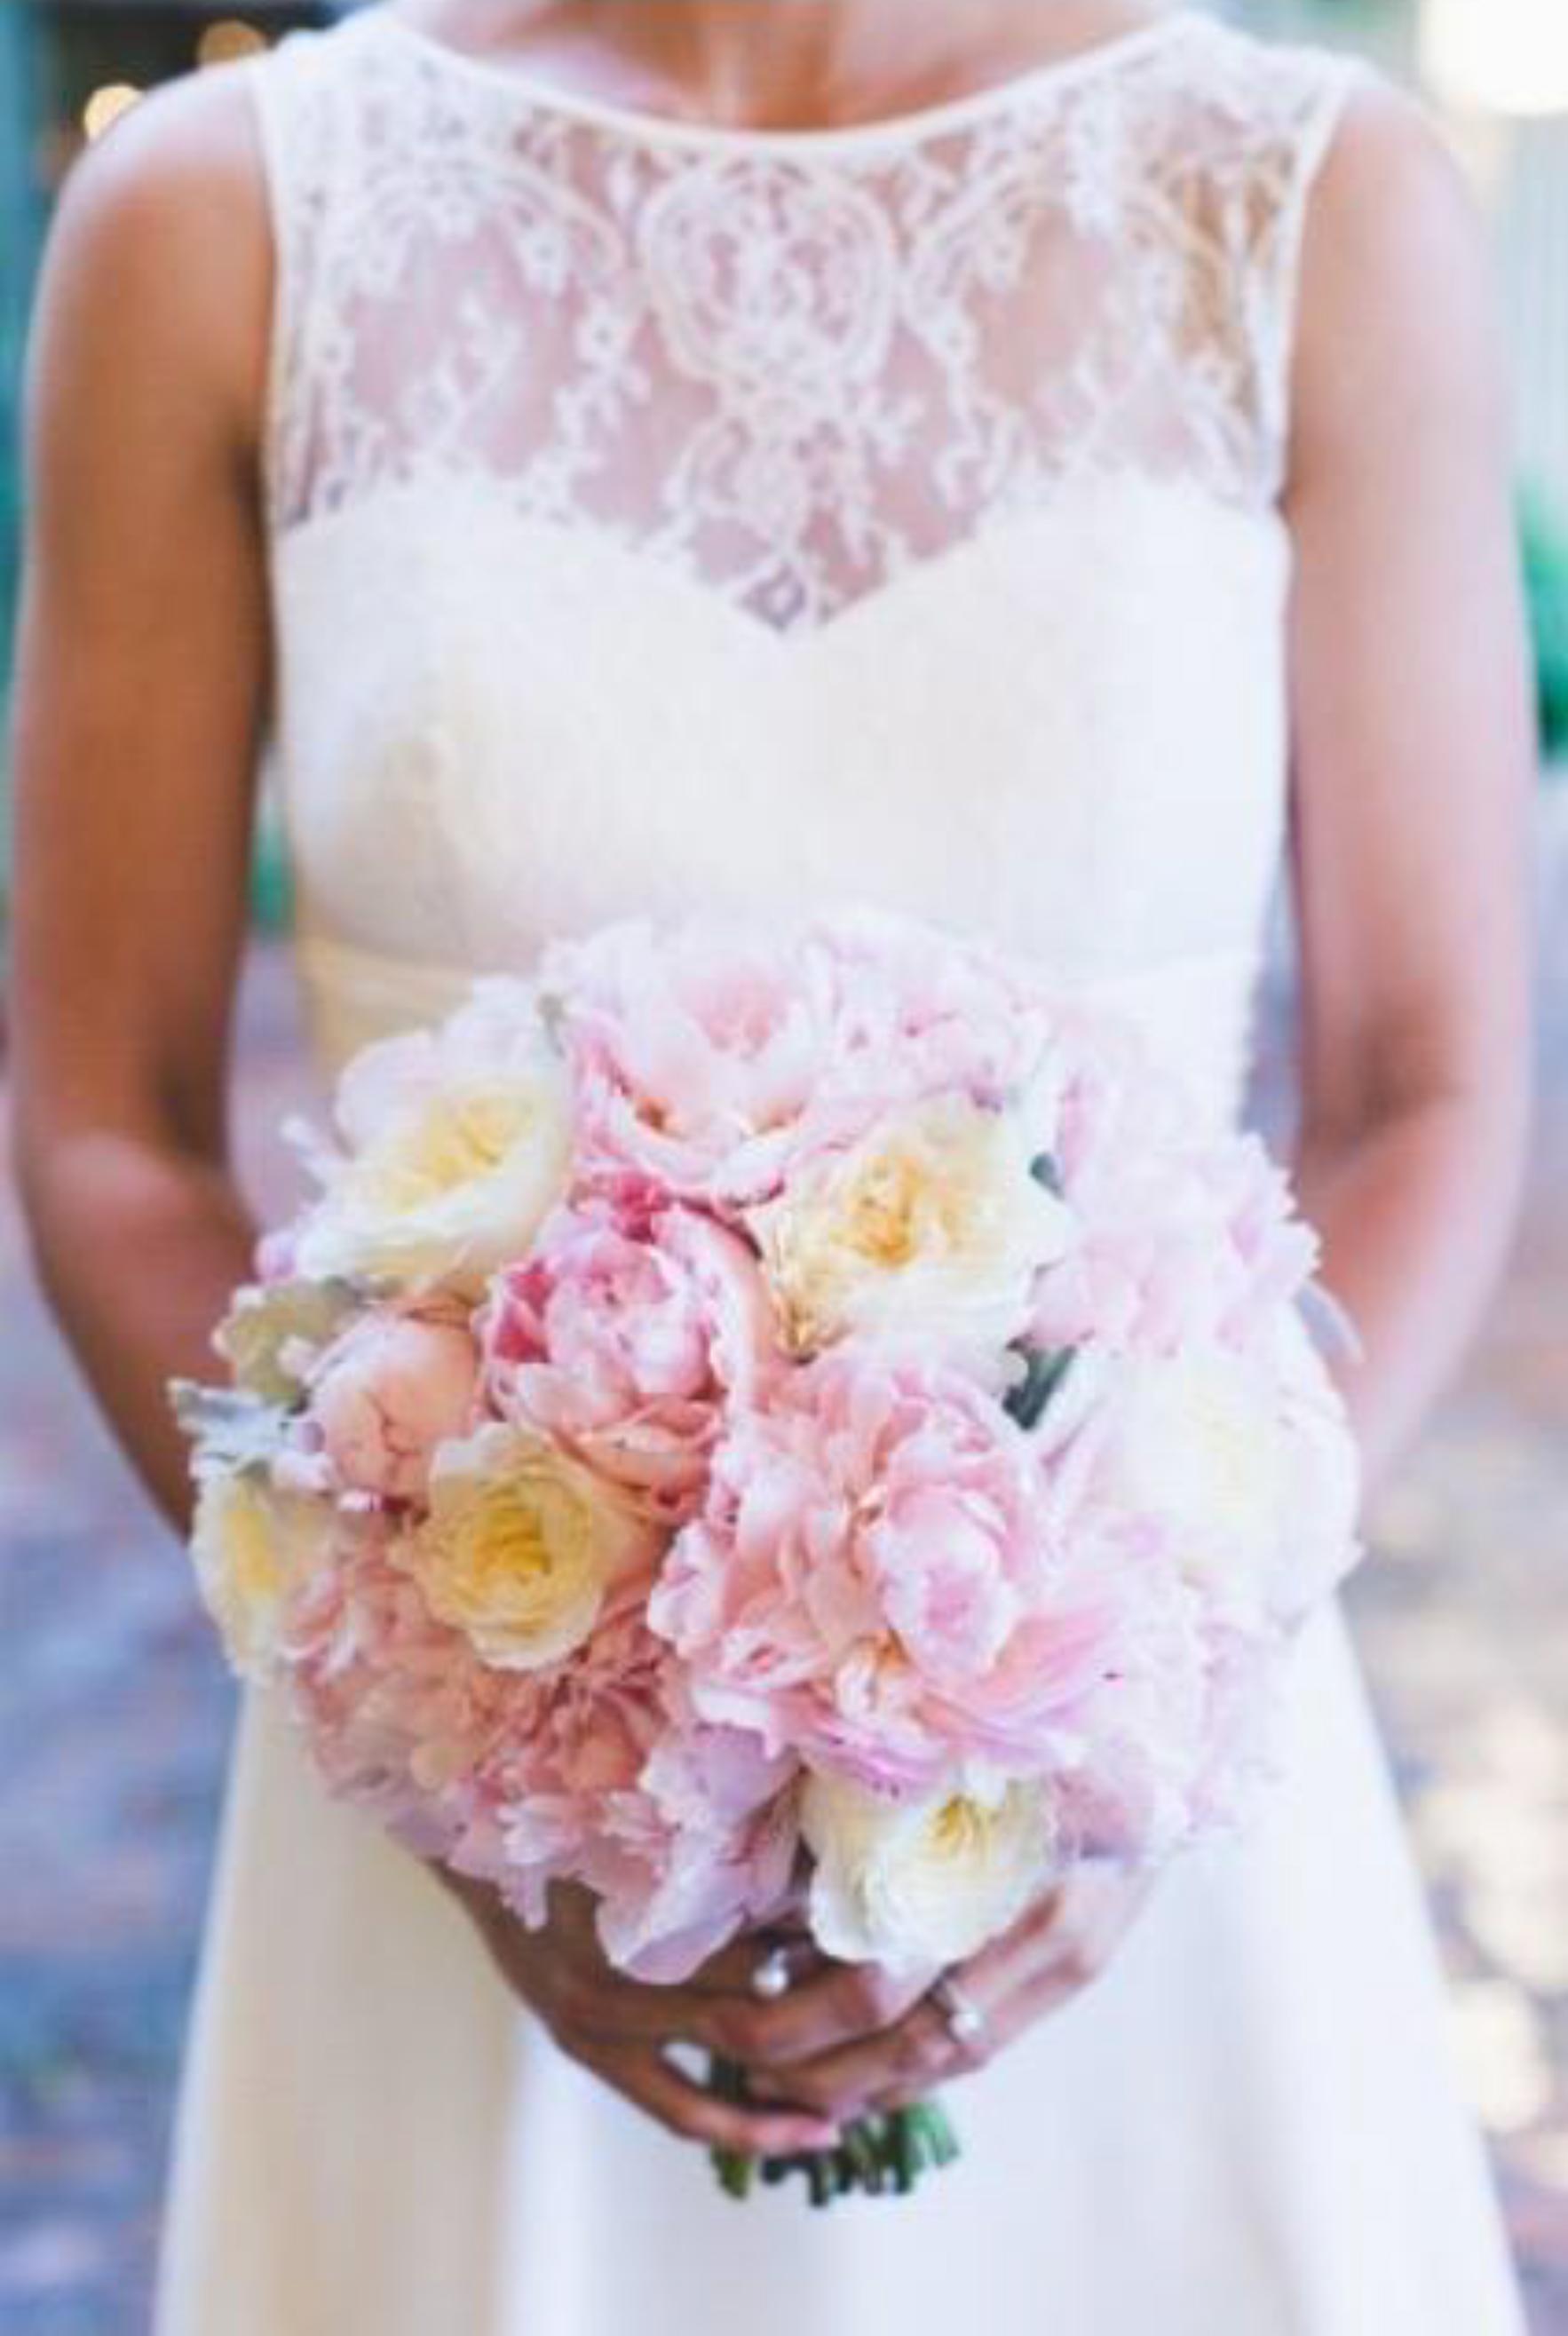 Round wedding bouquet - Unbridely